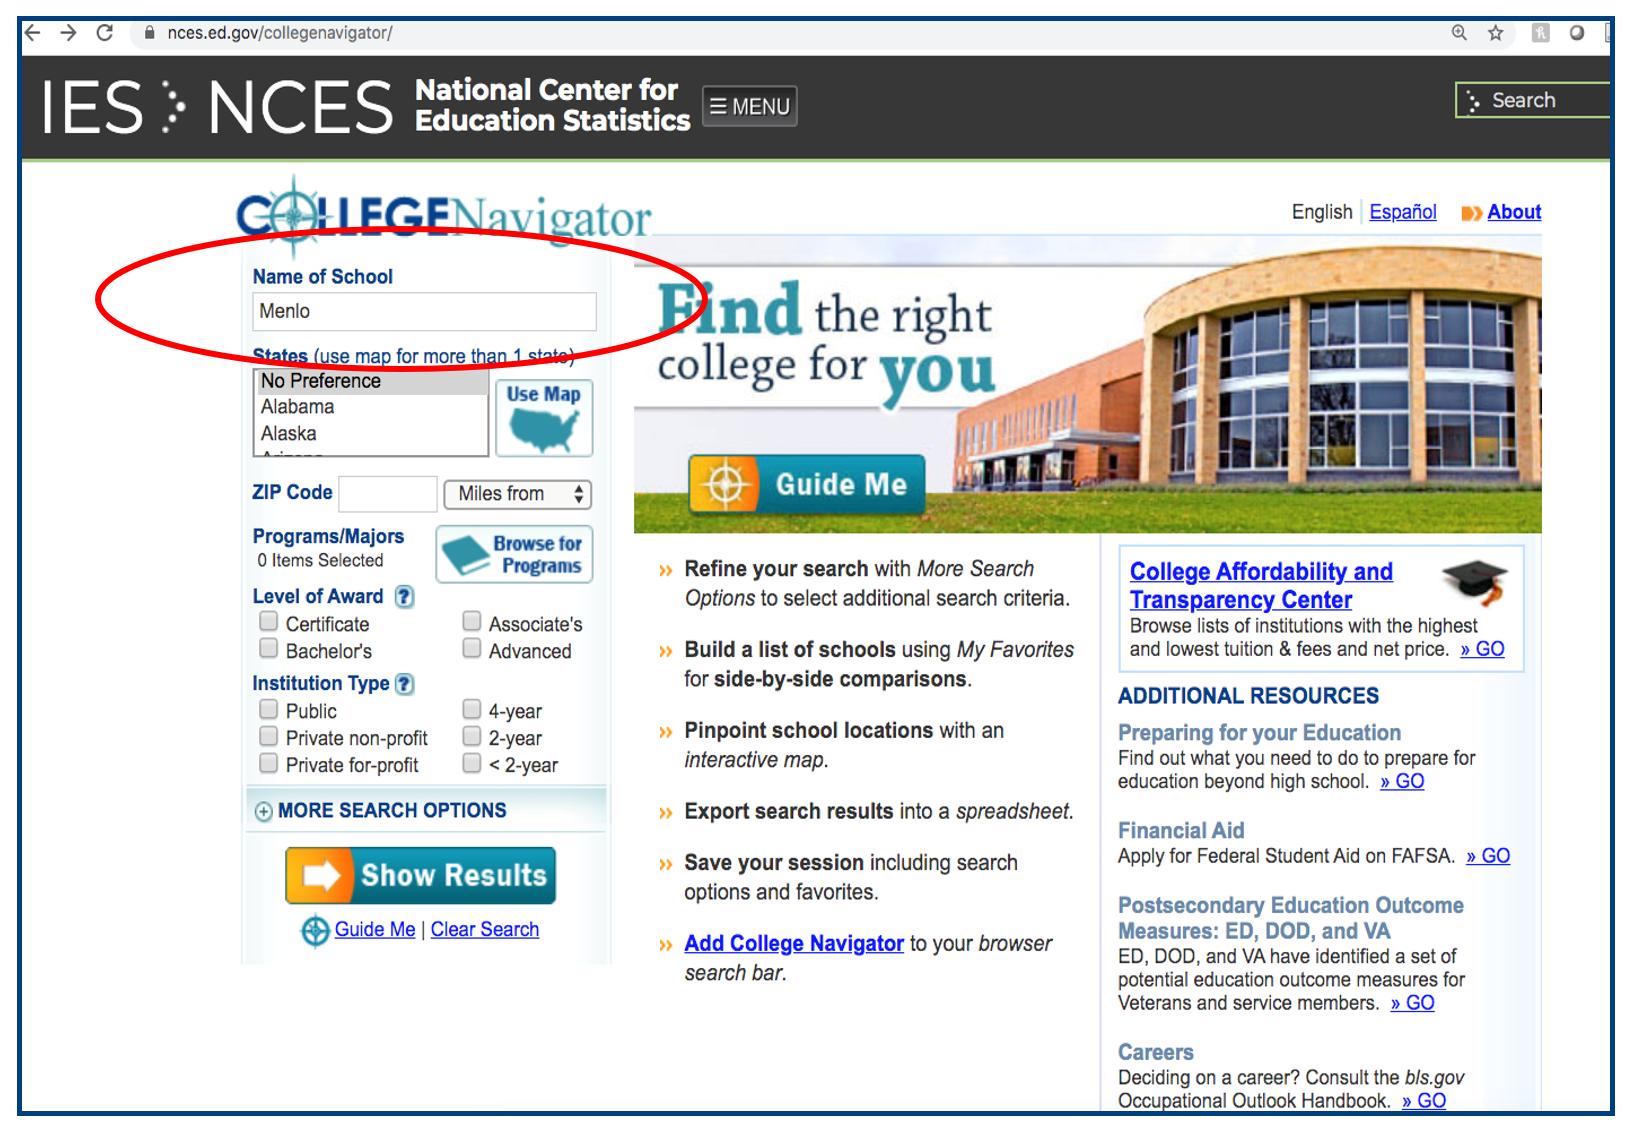 2 - College Navigator school look-up walk-through